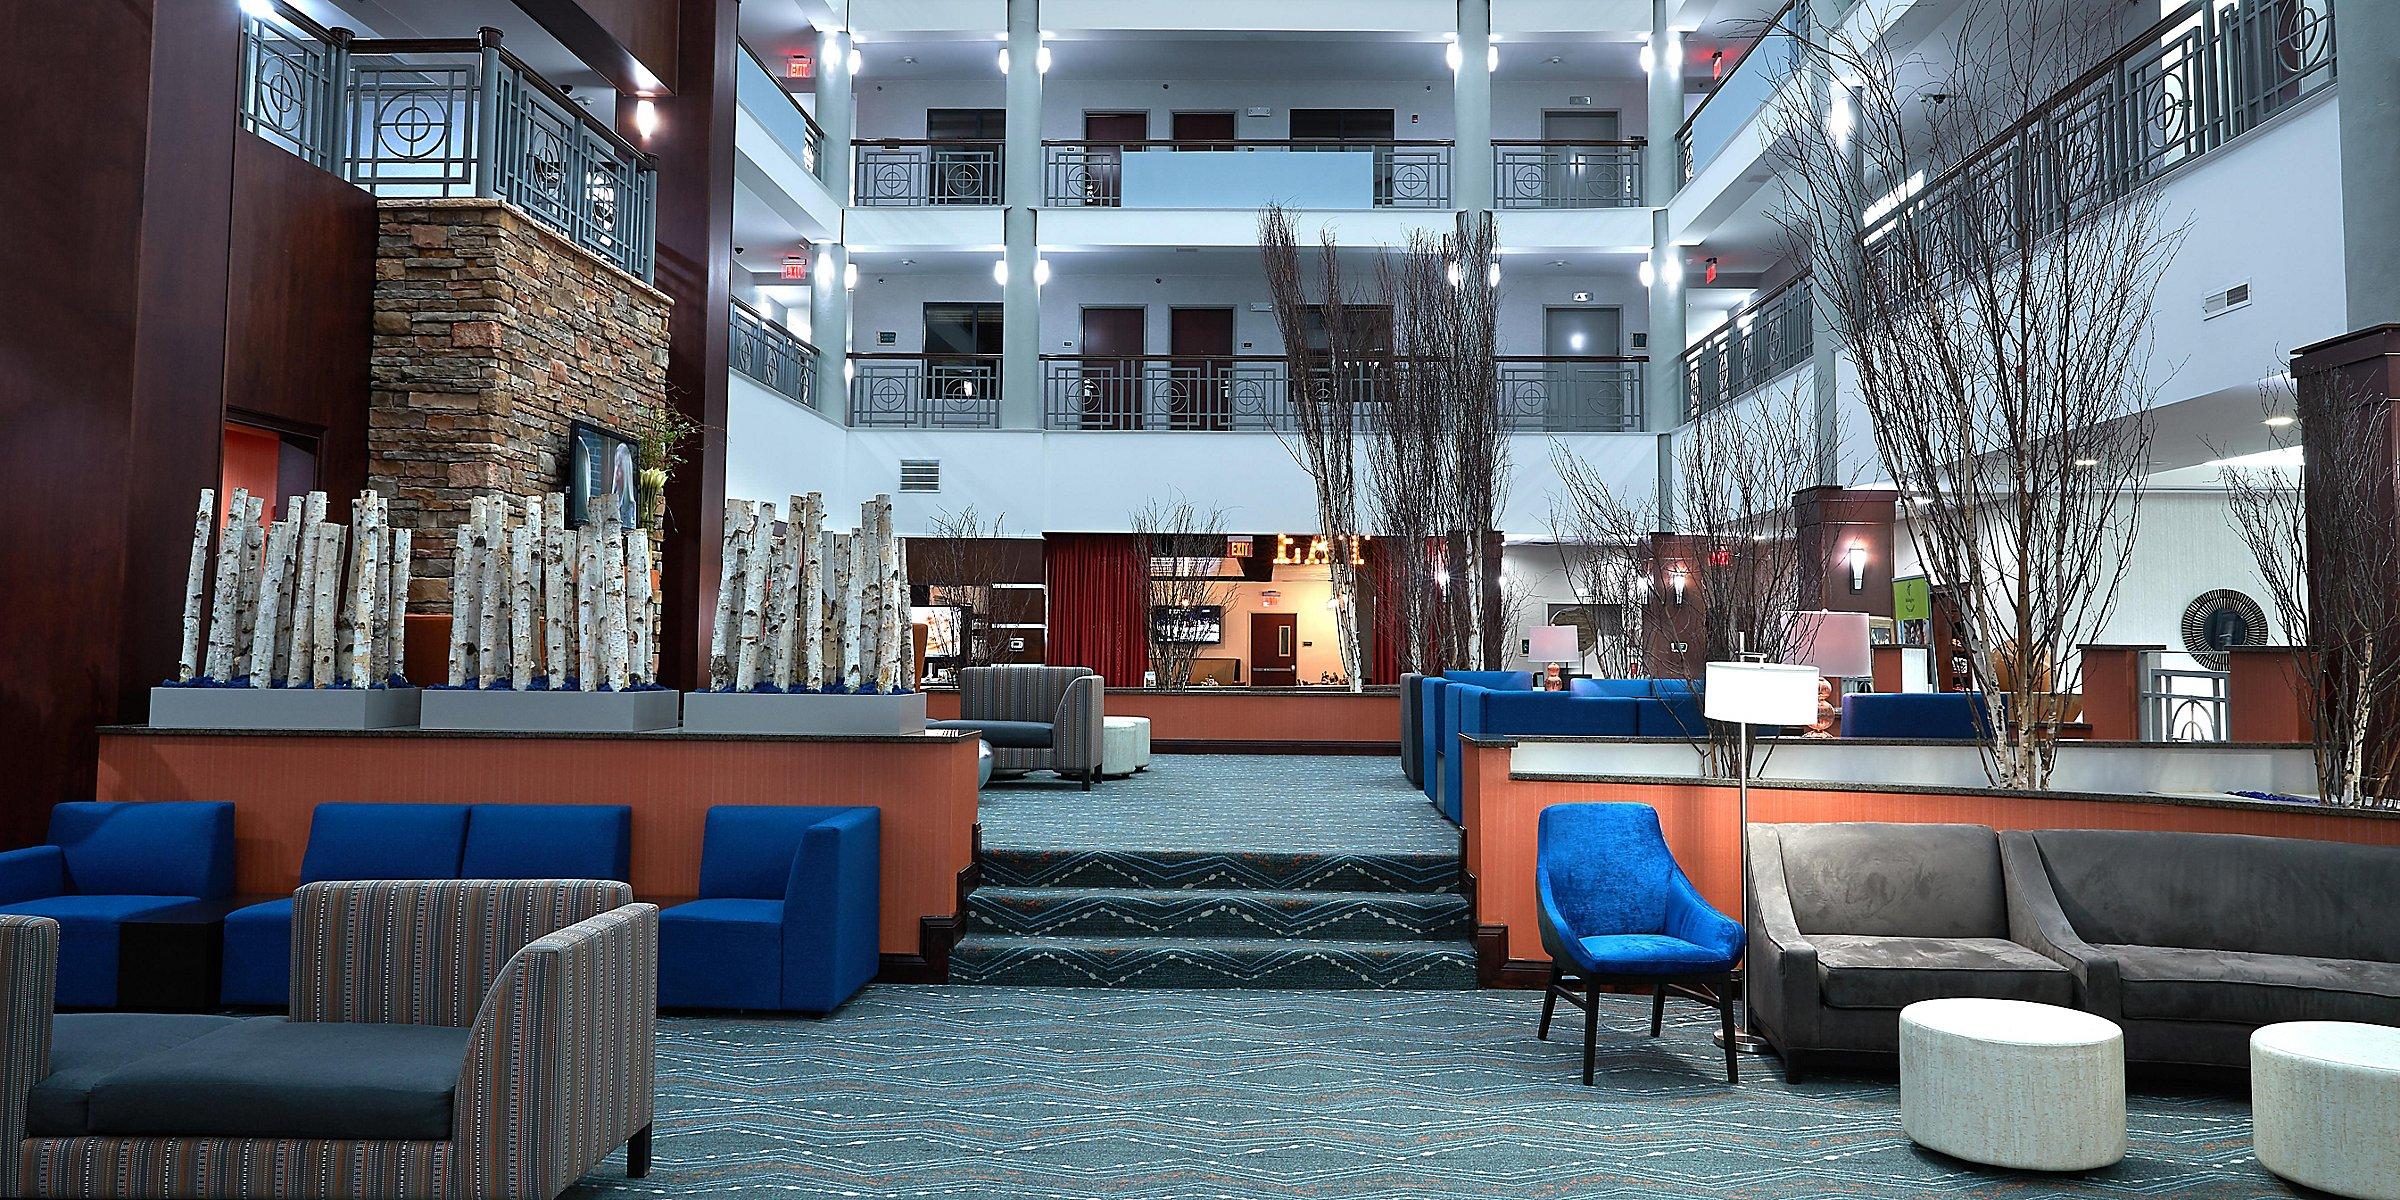 Hotels In Stockbridge, GA With Indoor Pools | Holiday Inn